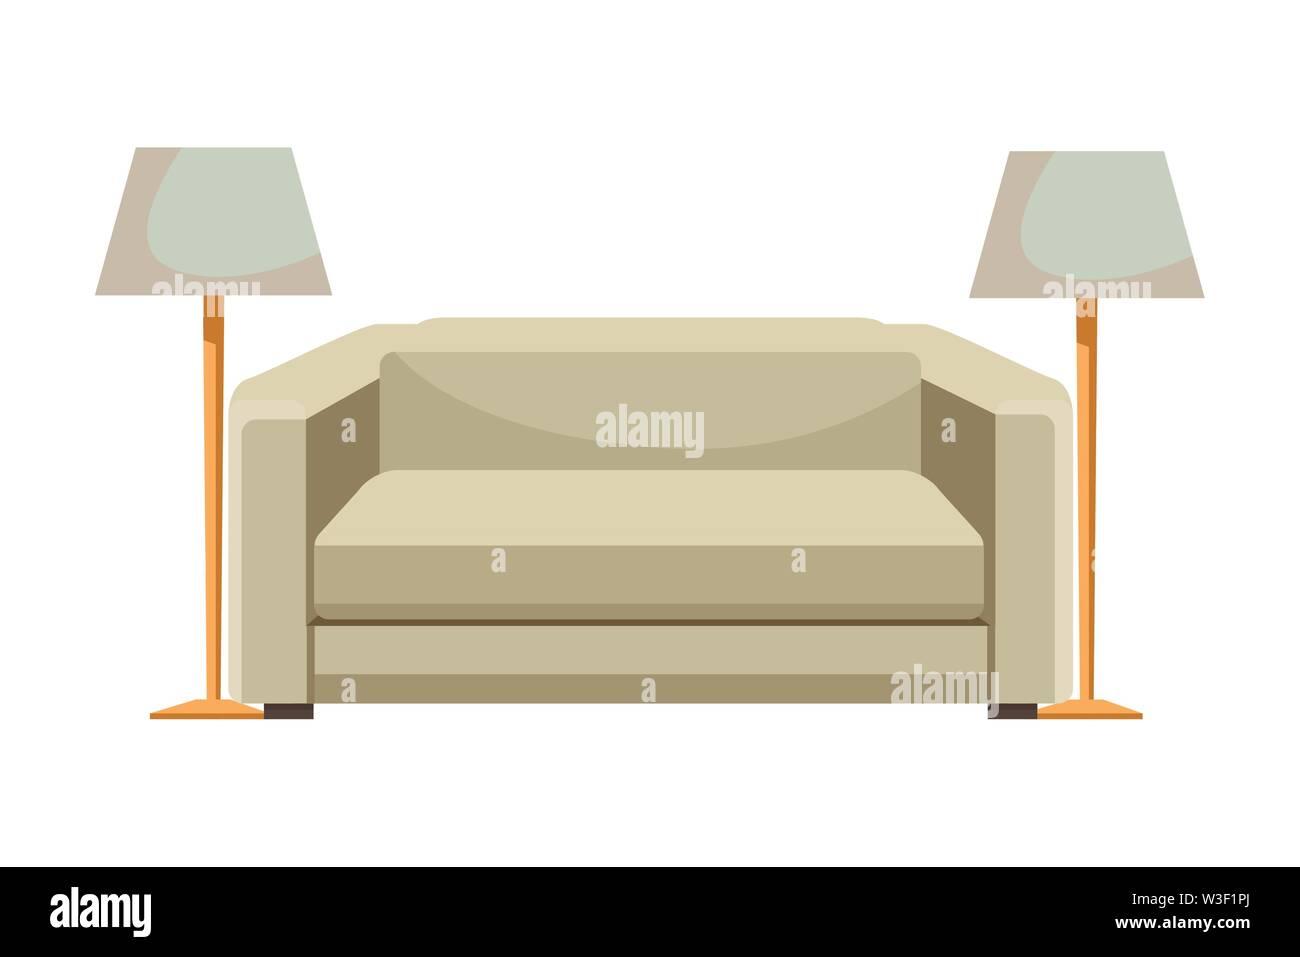 Chambre canapé avec lampes de décoration de la vector illustration graphic design Photo Stock